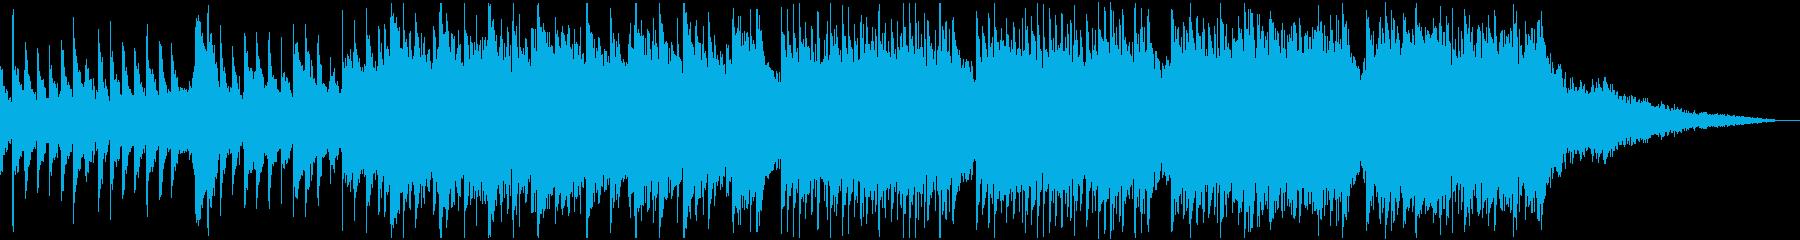 ホラー/怪談/不安と陰鬱なピアノ曲の再生済みの波形